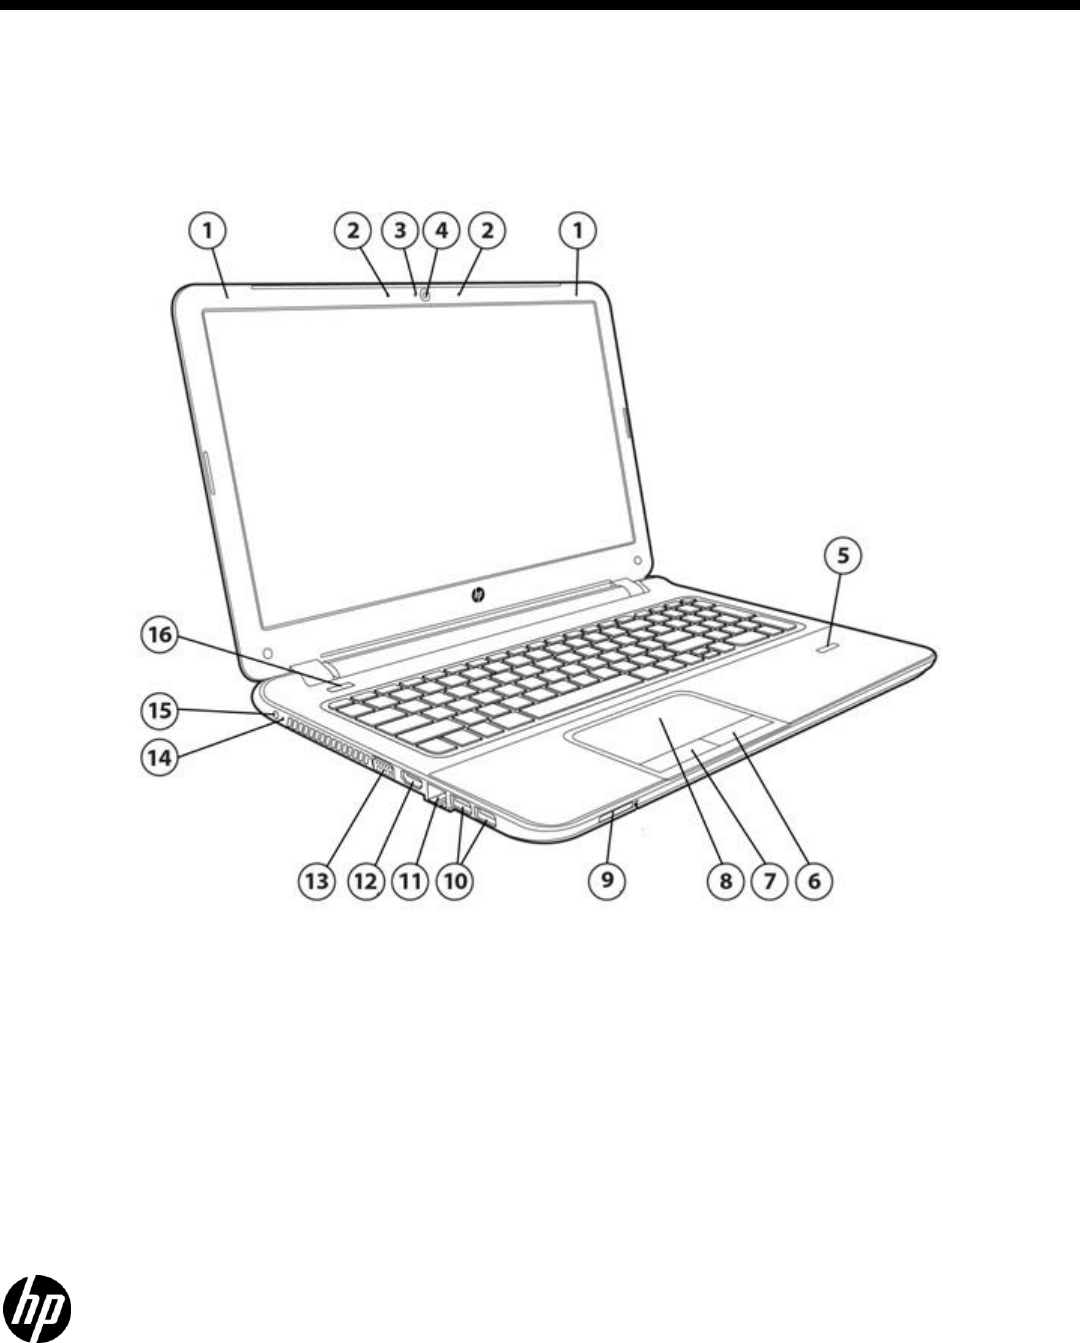 QuickSpecs HP 355 G2 Notebook PC